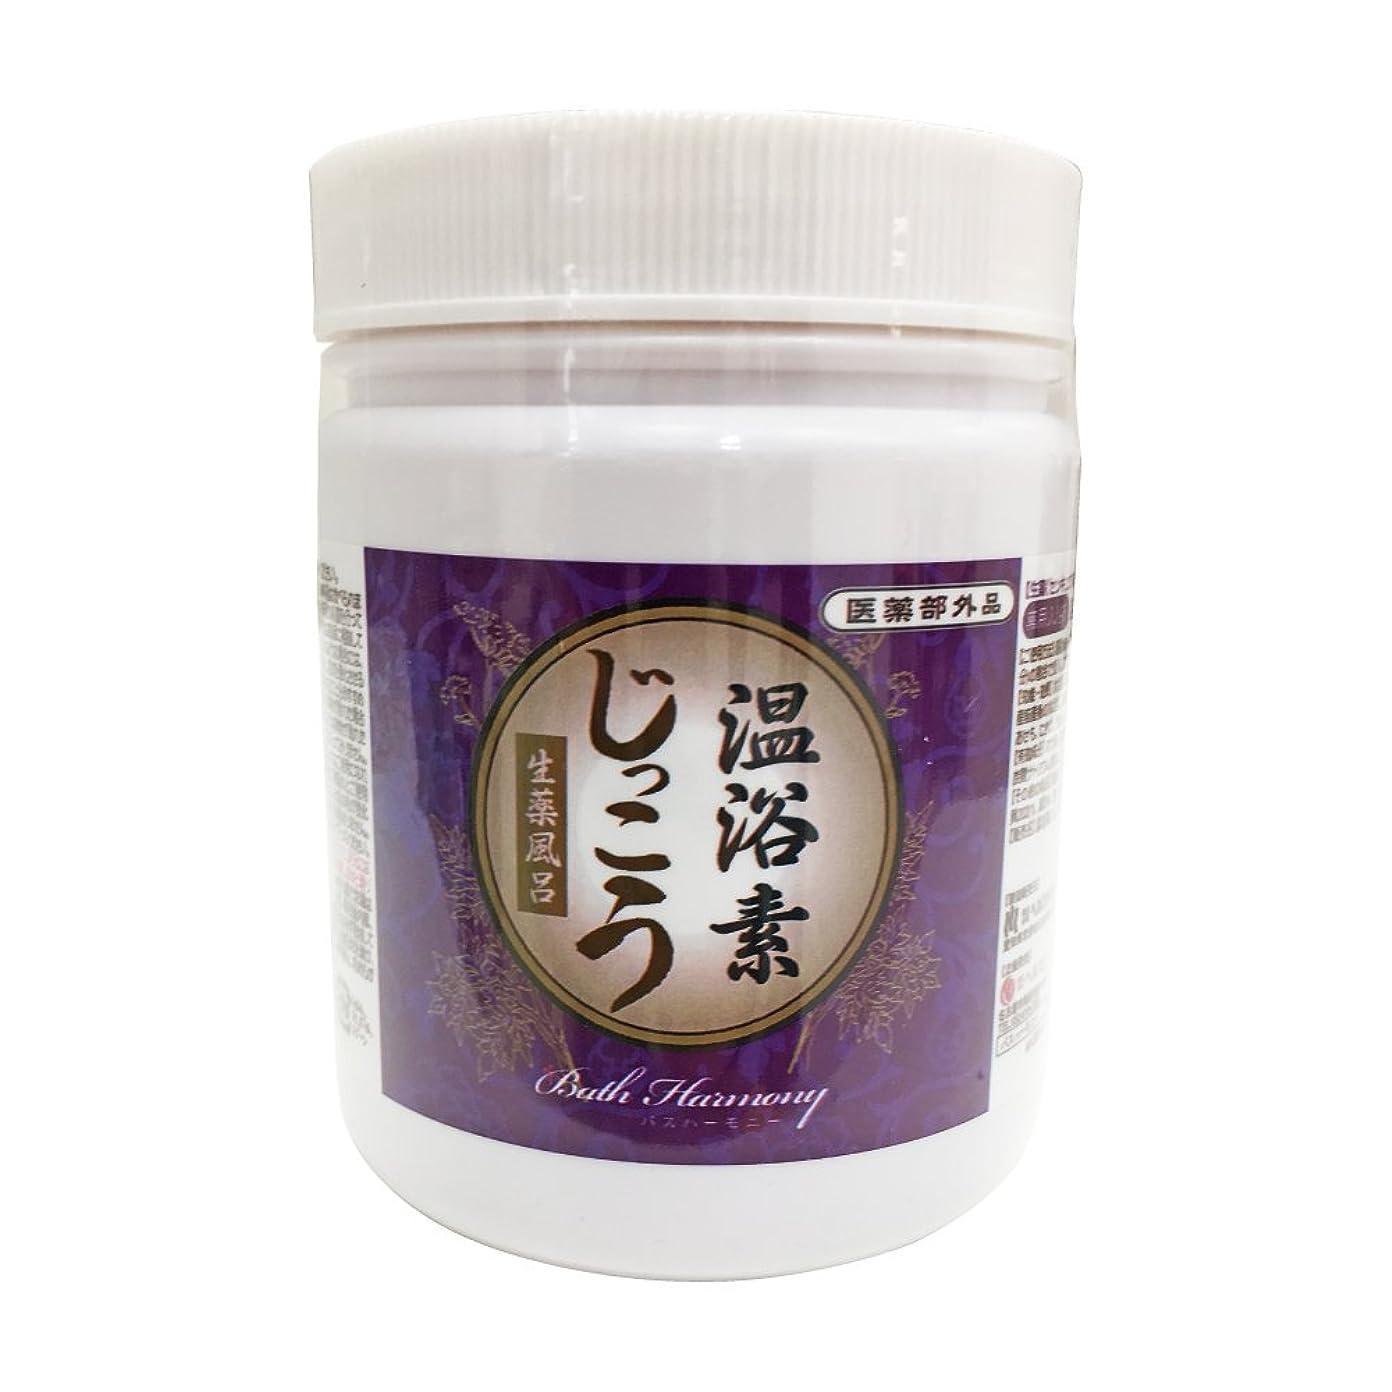 甘くするある安定した温浴素 じっこう 500g 約25回分 粉末 生薬 薬湯 医薬部外品 ロングセラー 天然生薬 の 香り